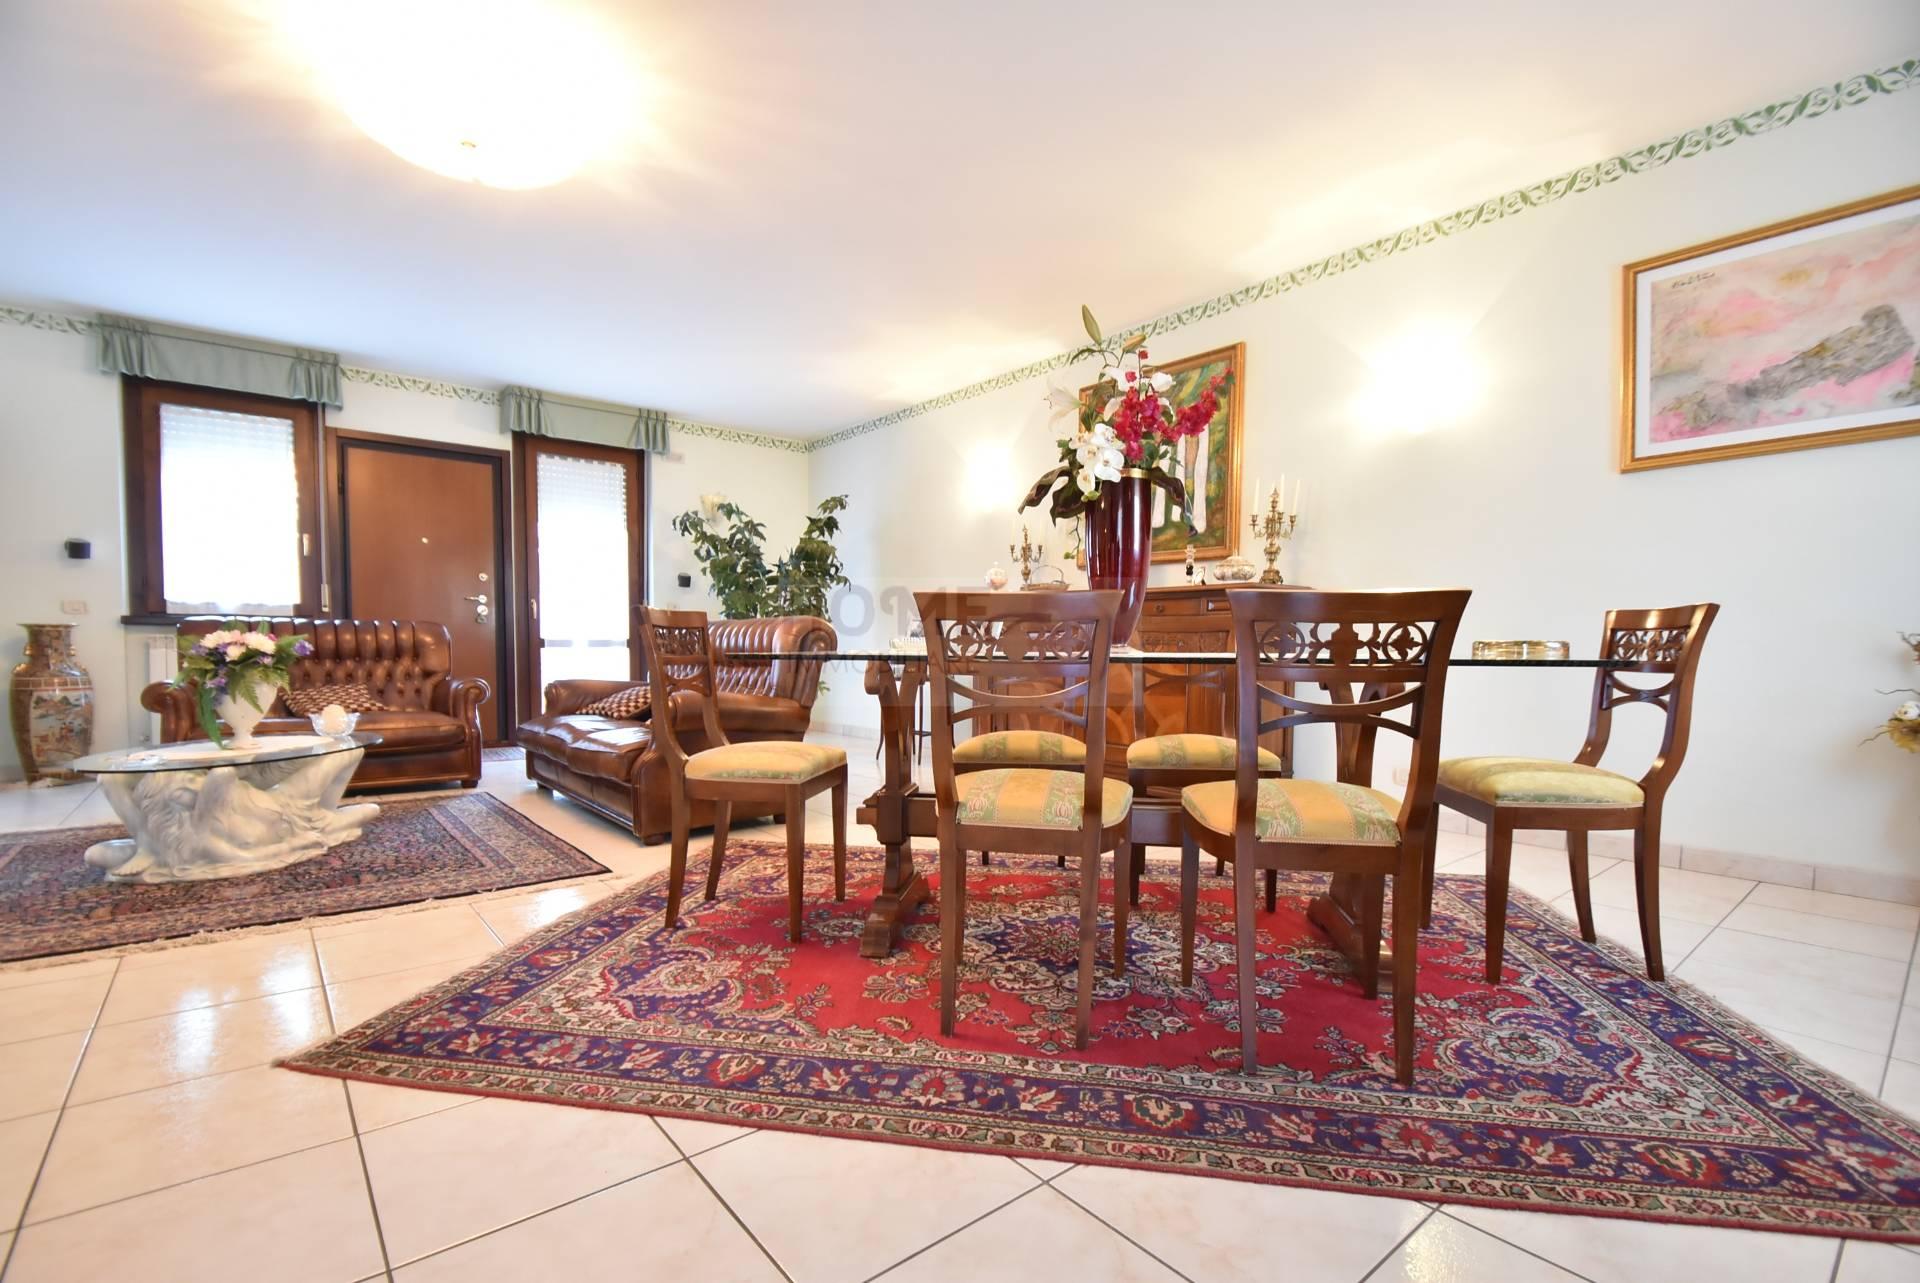 Soluzione Indipendente in vendita a Corridonia, 12 locali, zona Località: zonaS.aMaria, prezzo € 295.000 | Cambio Casa.it